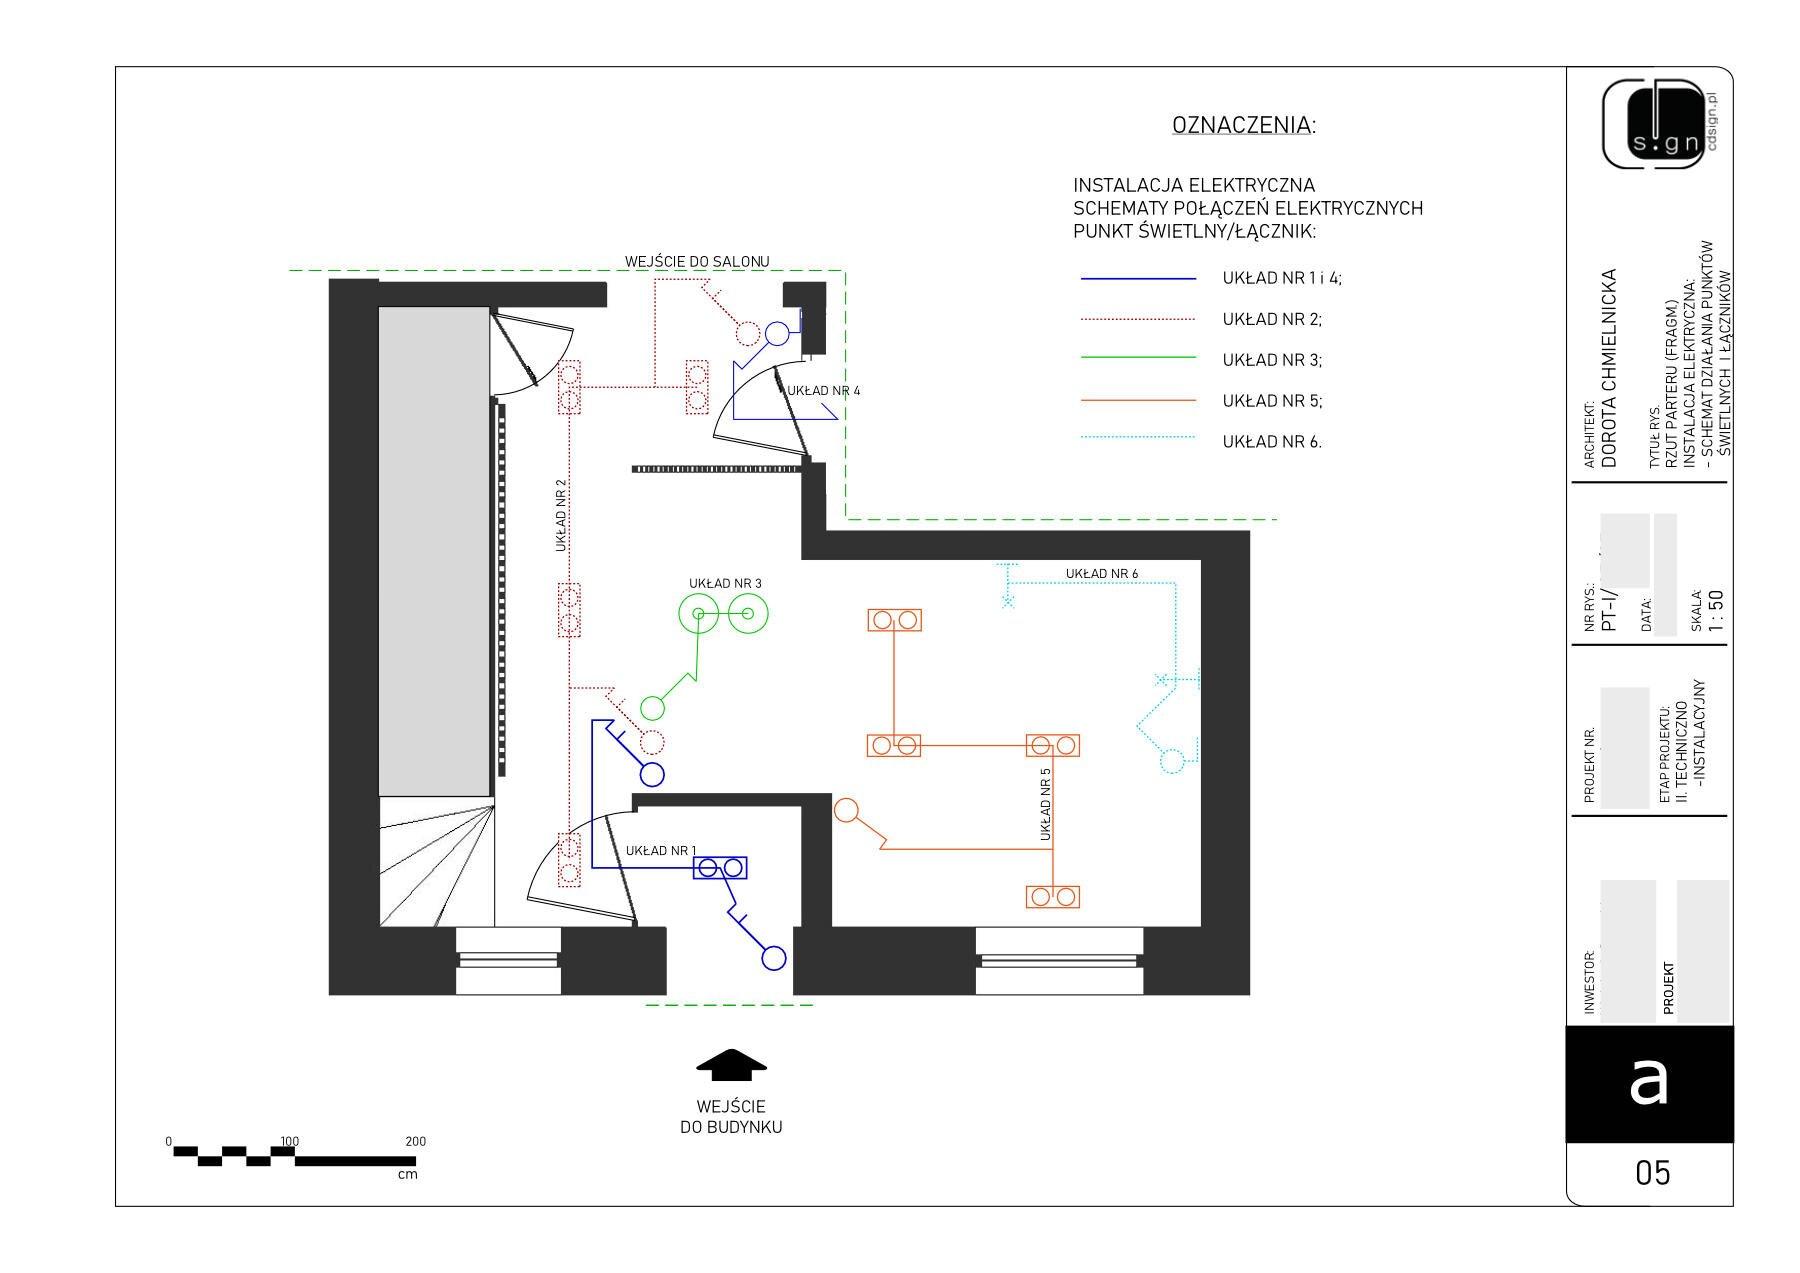 Schemat działania instalacji elektrycznej.